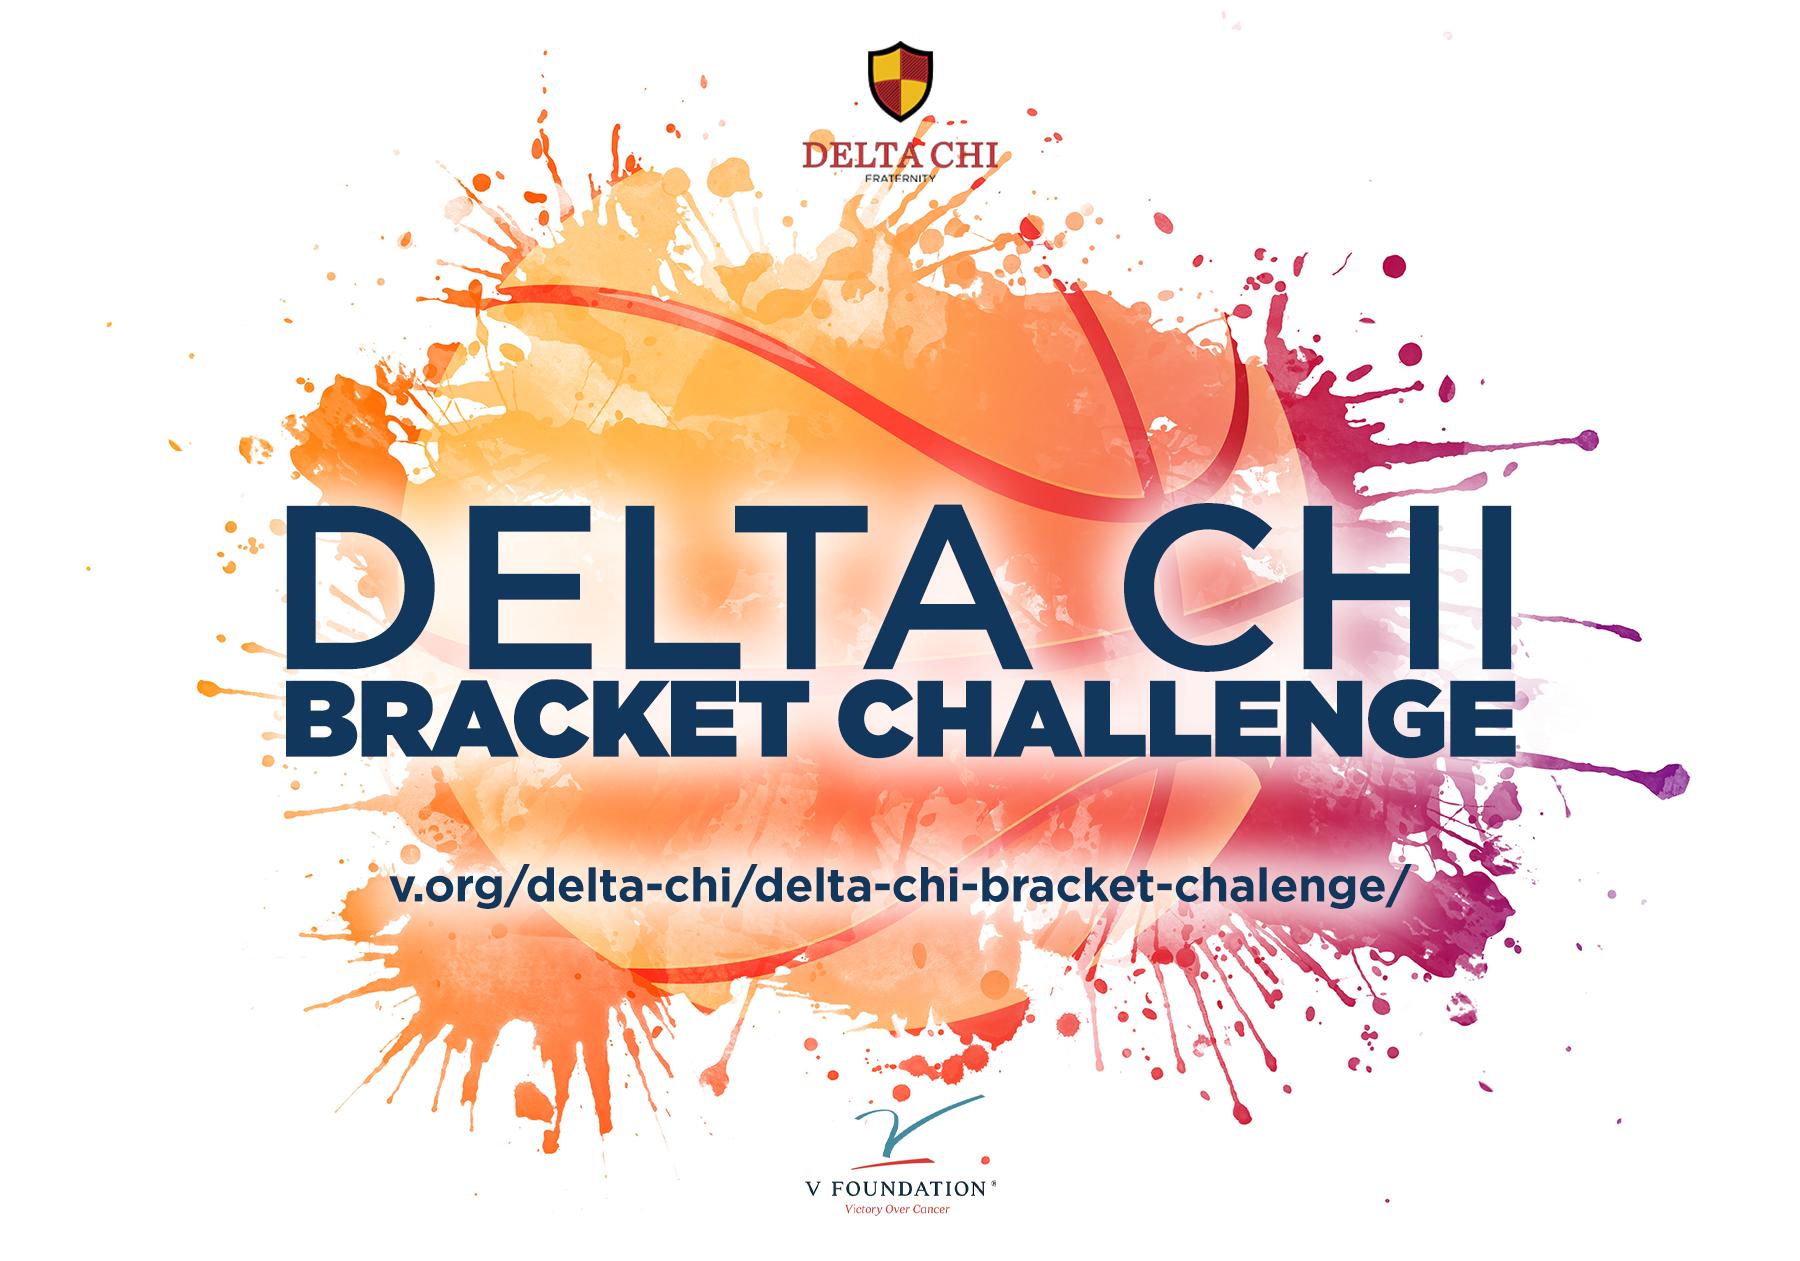 Delta Chi Bracket Challenge